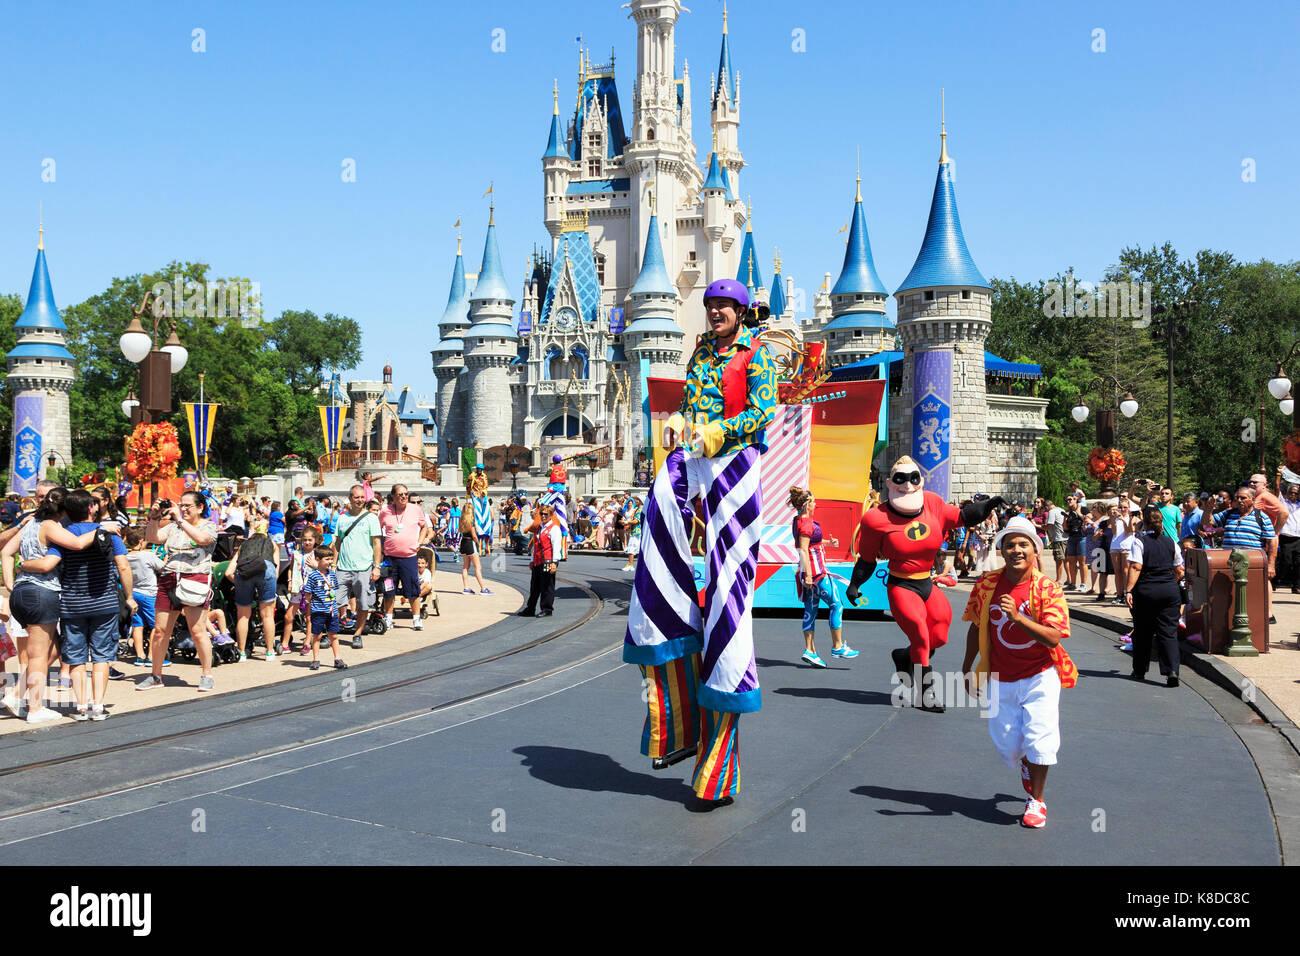 Animation de rue à Walt Disney's Magic Kingdom Theme Park, Orlando, Floride, USA Photo Stock